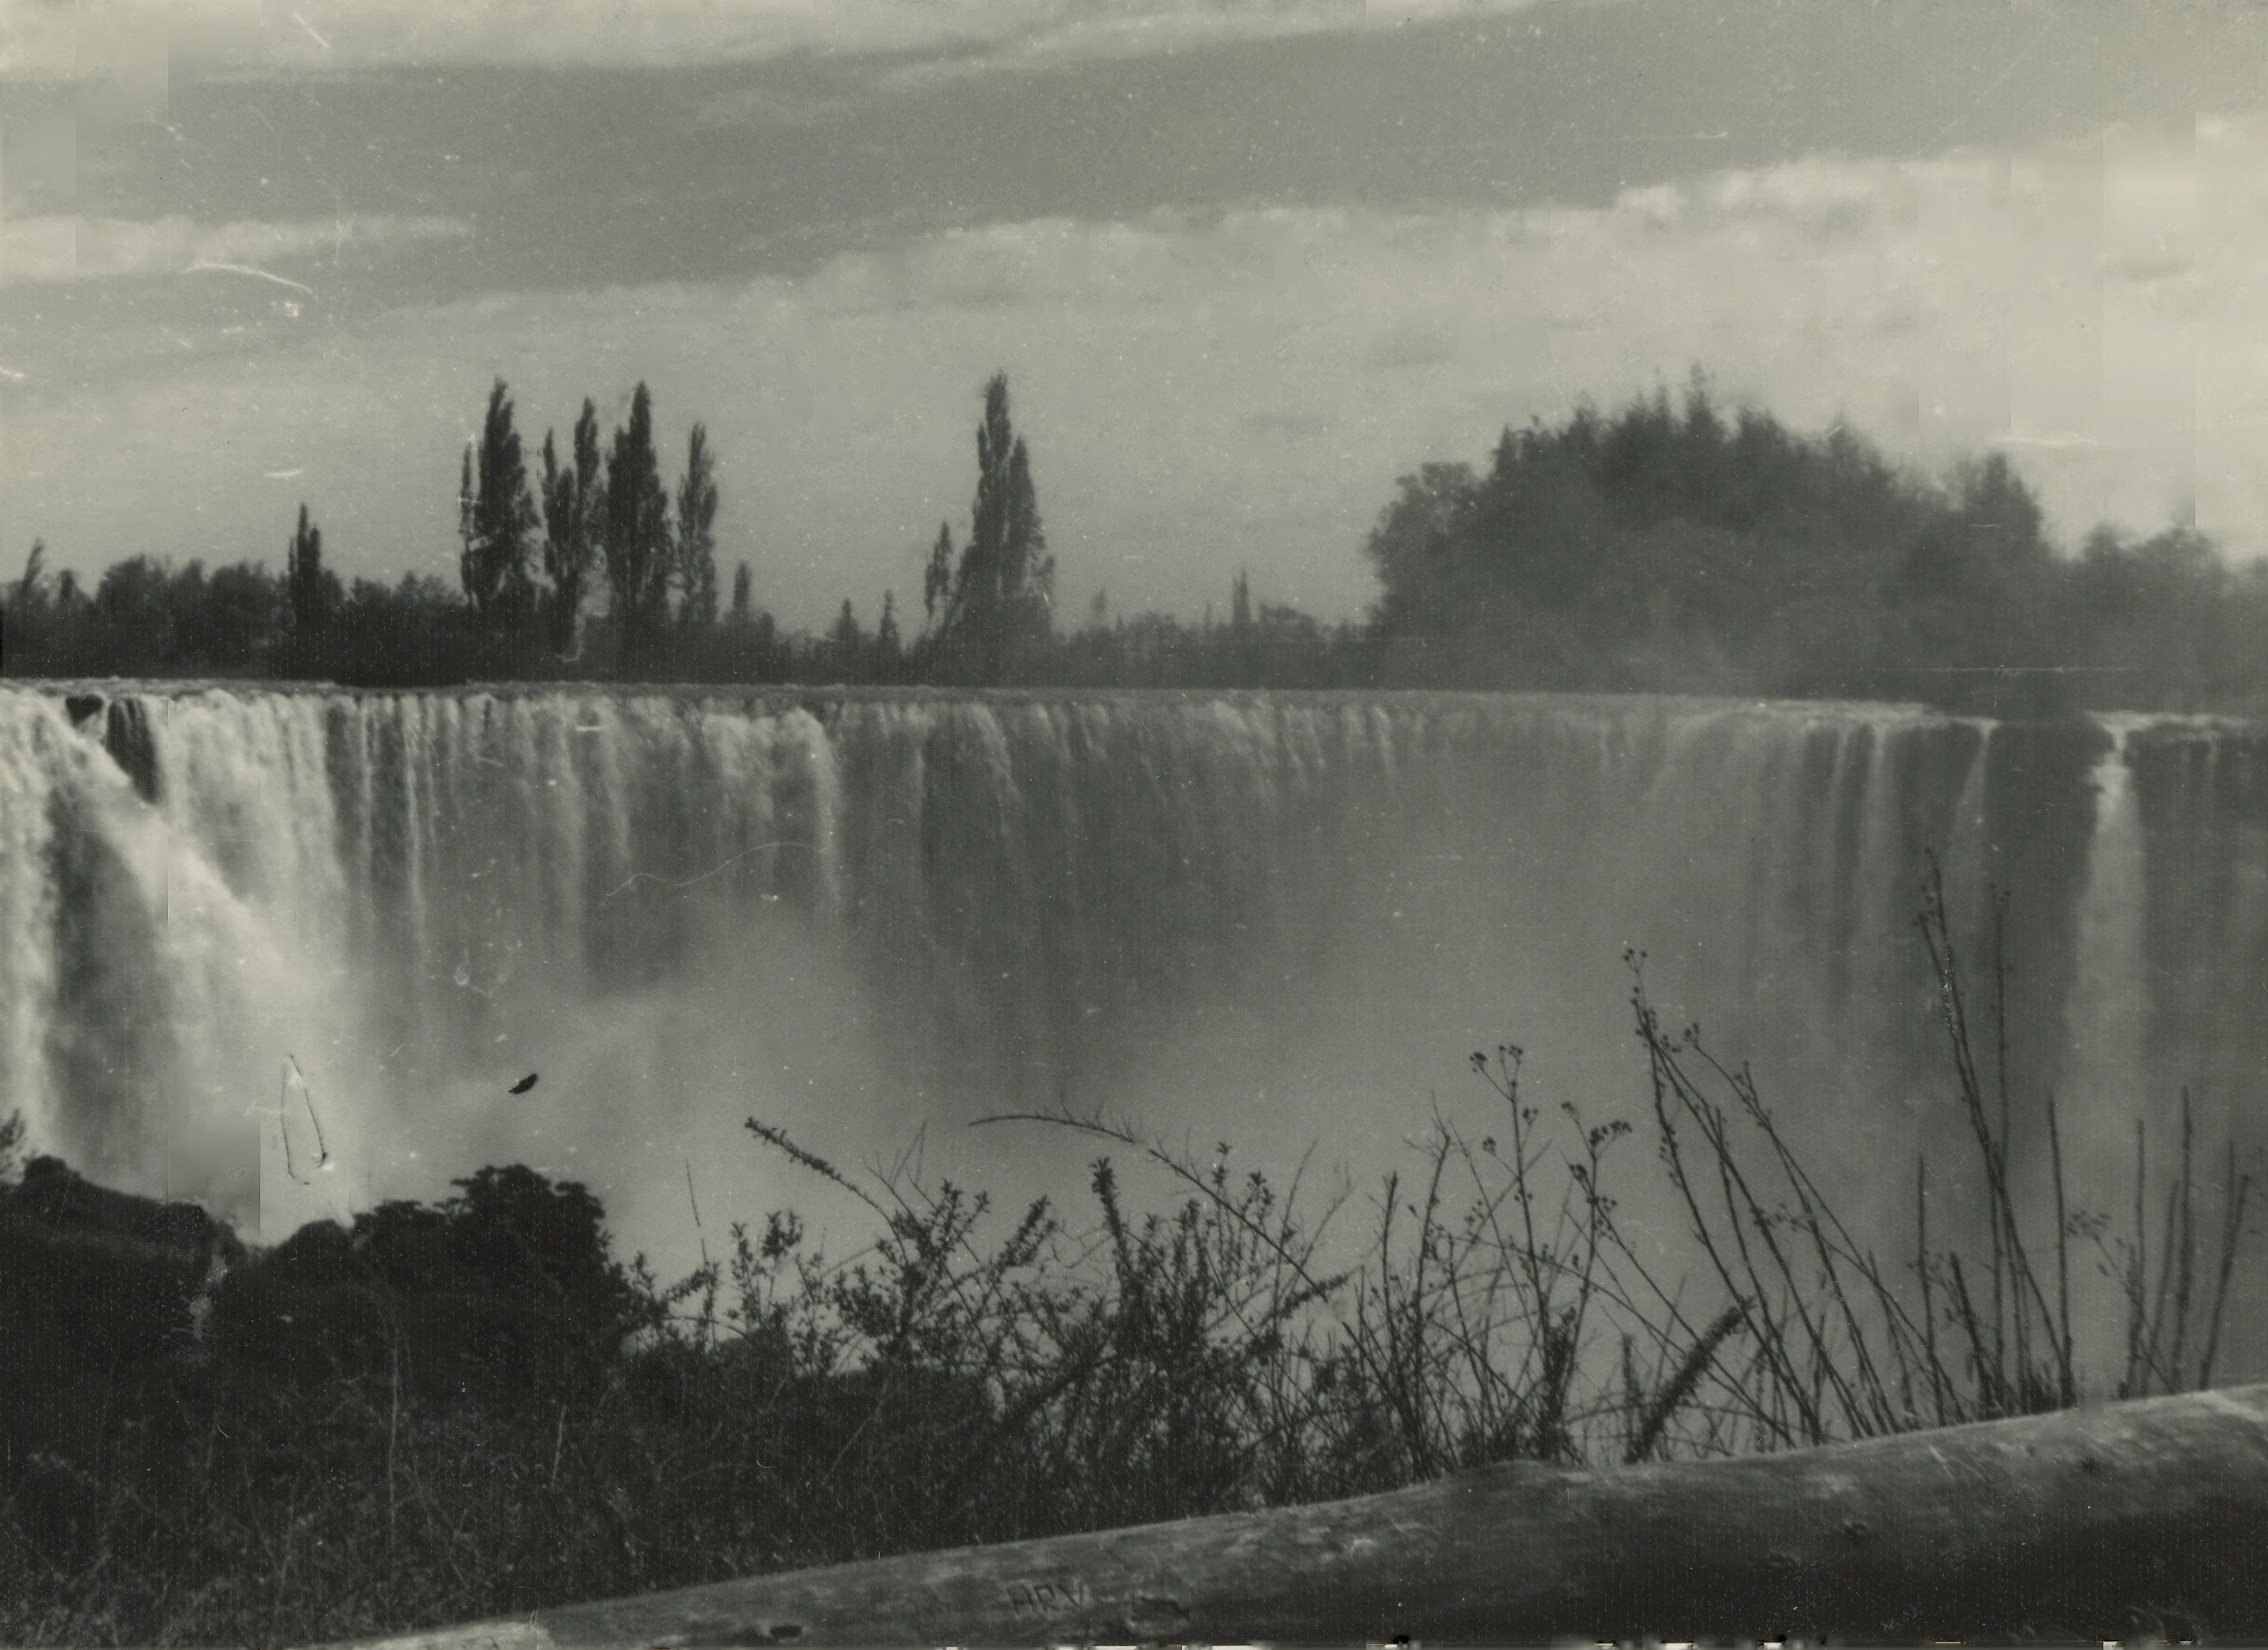 Enterreno - Fotos históricas de chile - fotos antiguas de Chile - Saltos del Laja en 1970